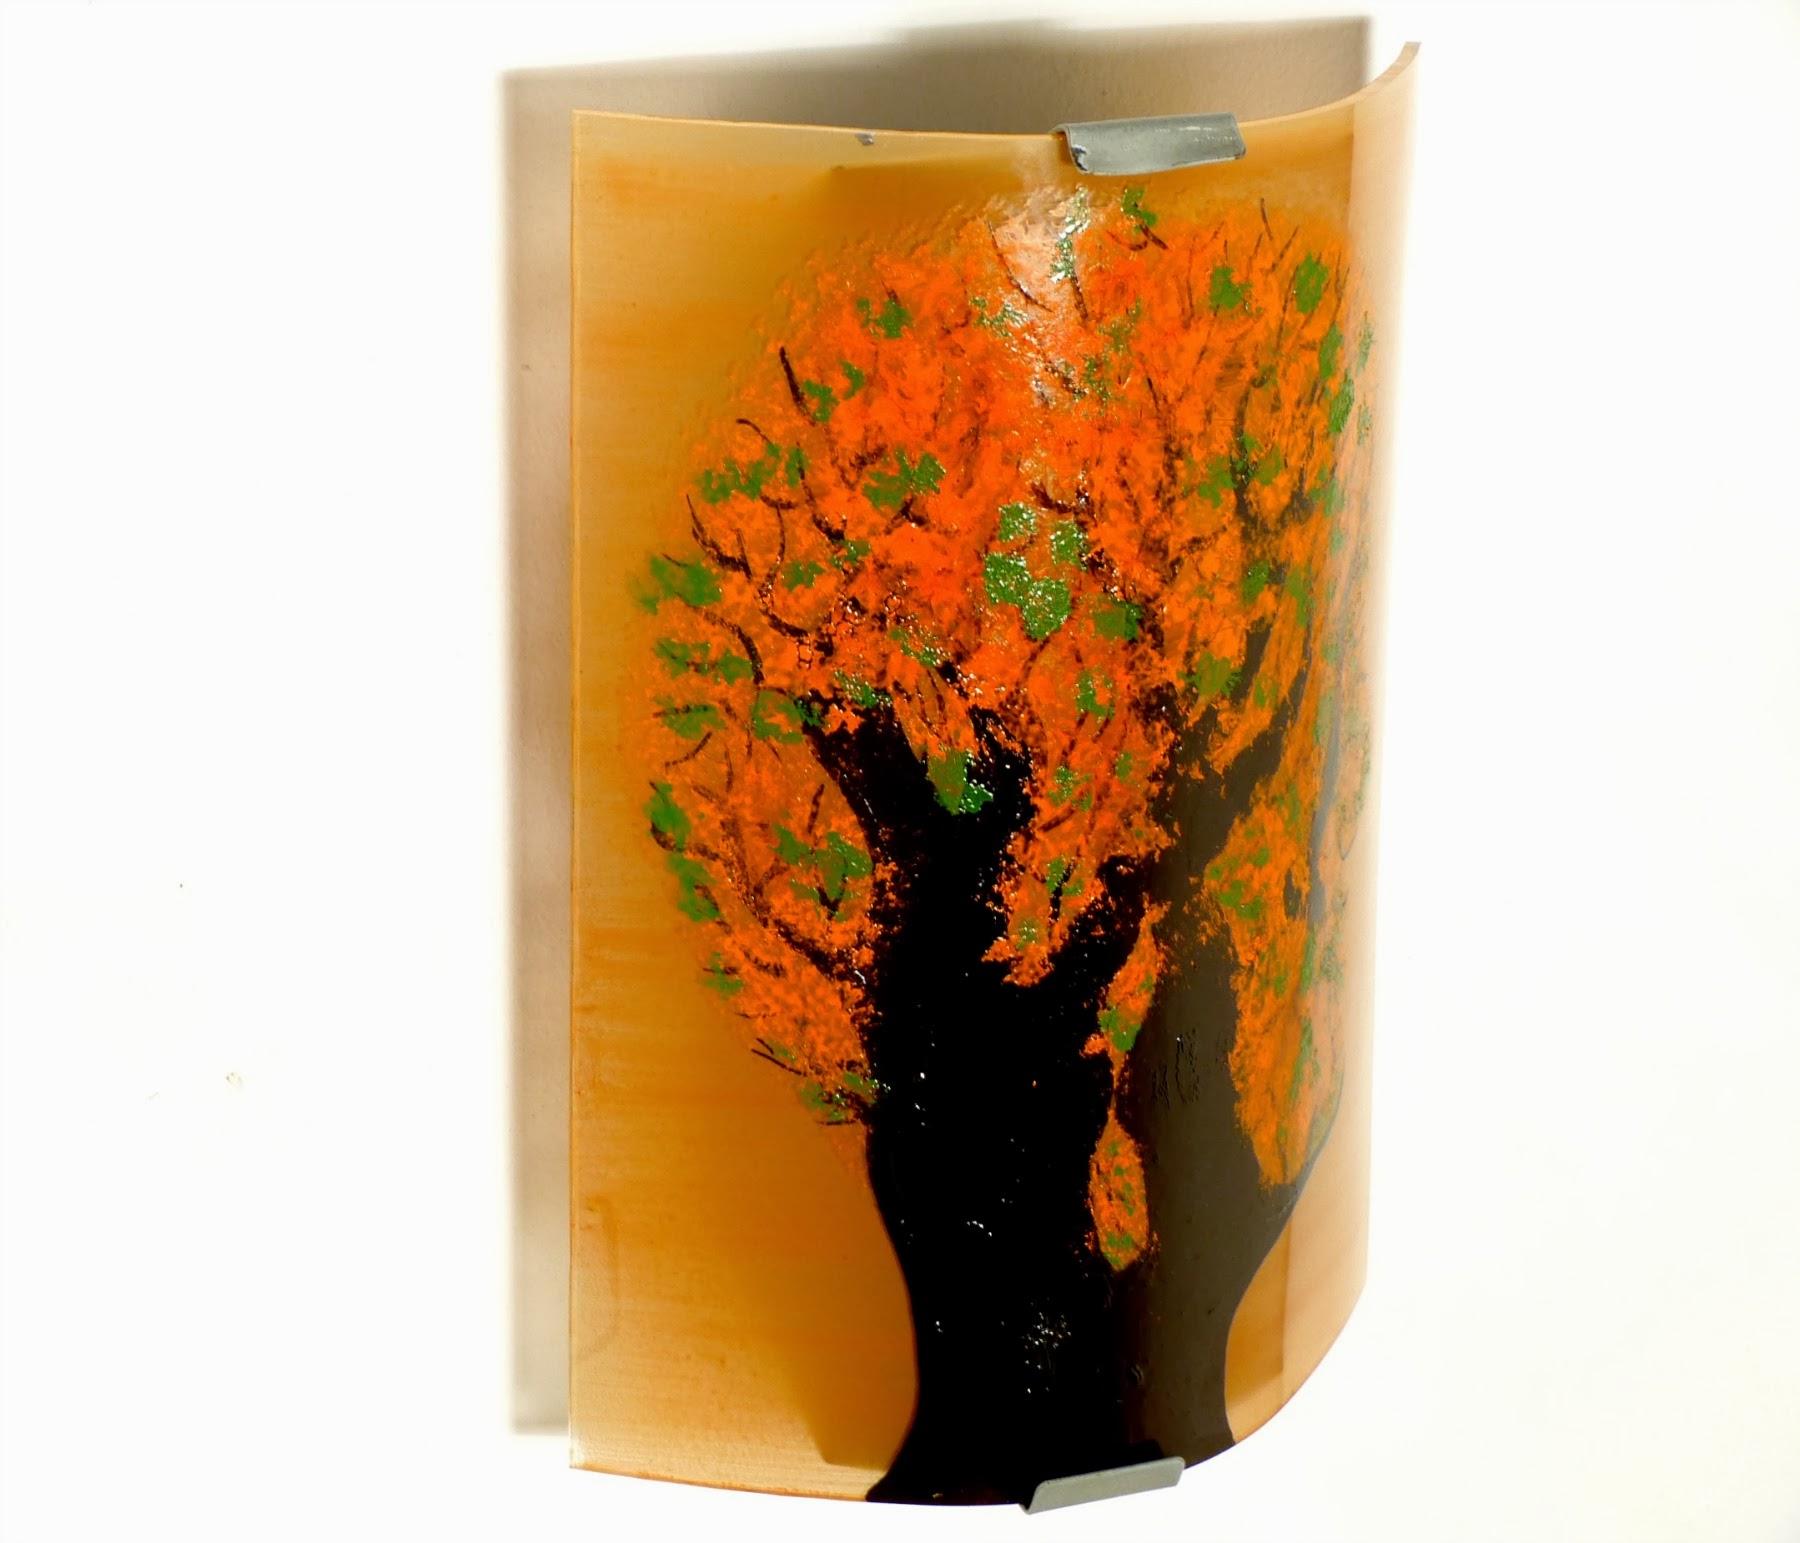 Luminaire applique murale orange et vert motif arbre en tete 3